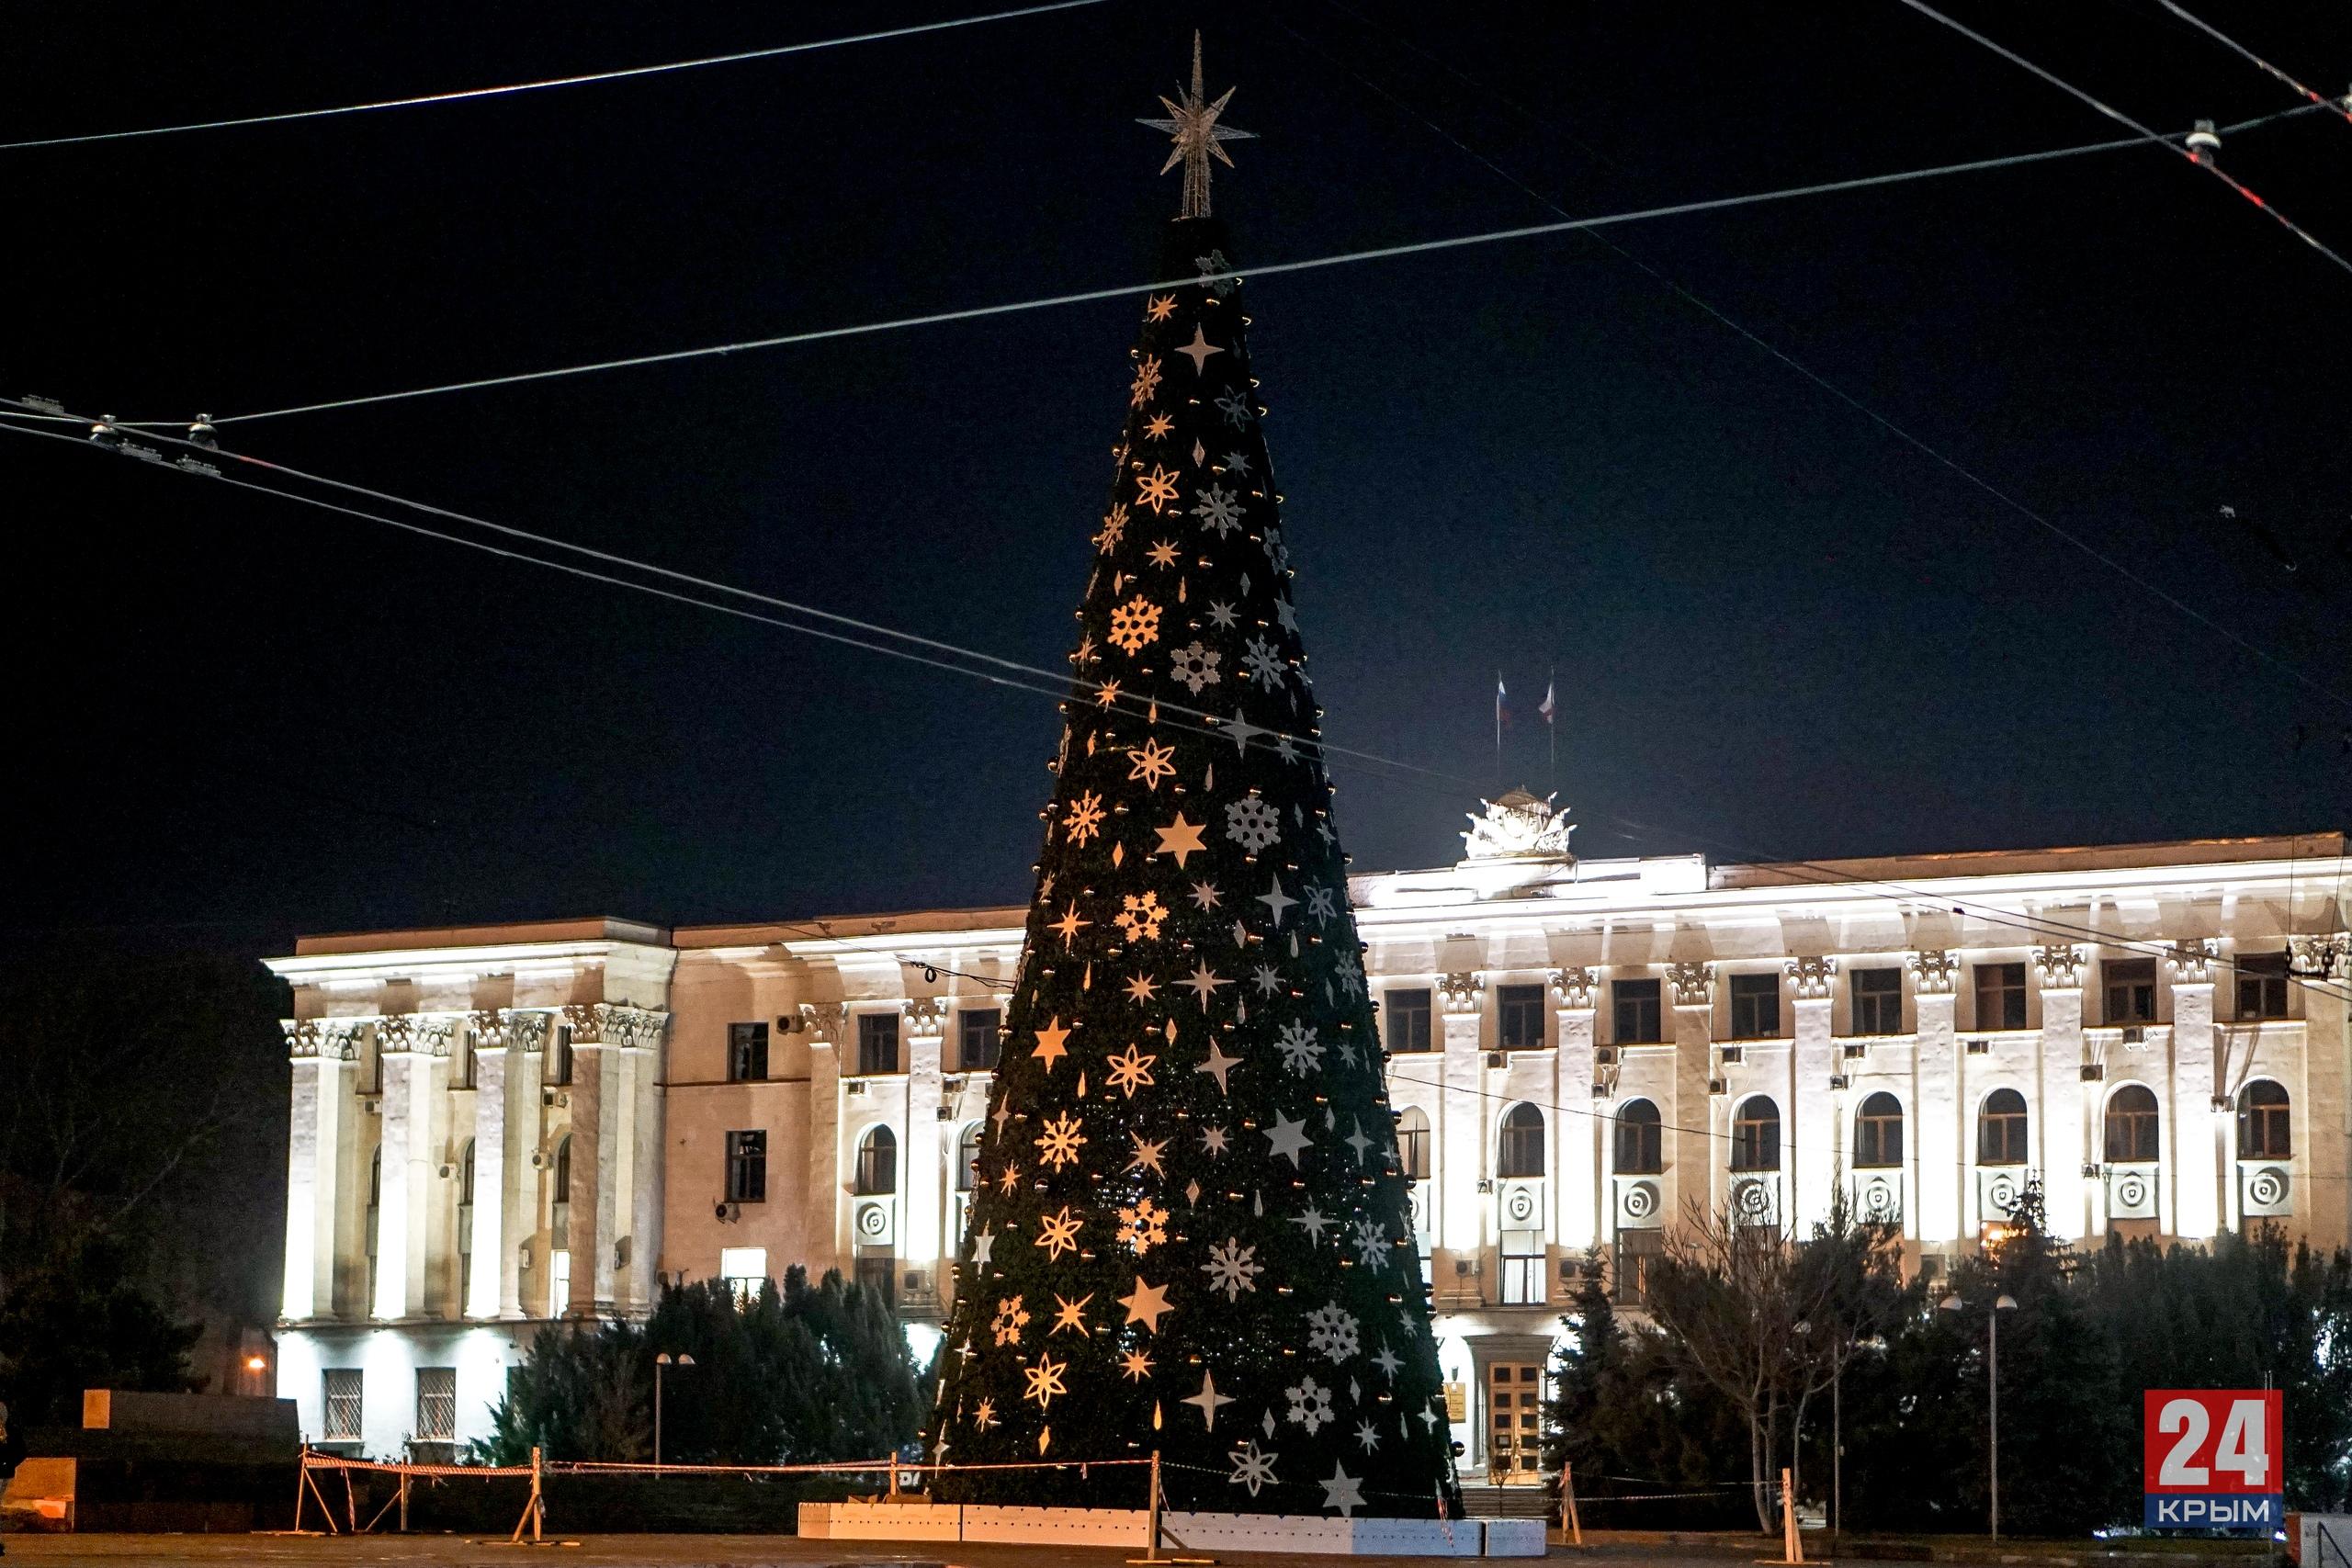 Ёлочные базары 2020 в Крыму и Севастополе: Где купить ёлку на Новый год, адреса